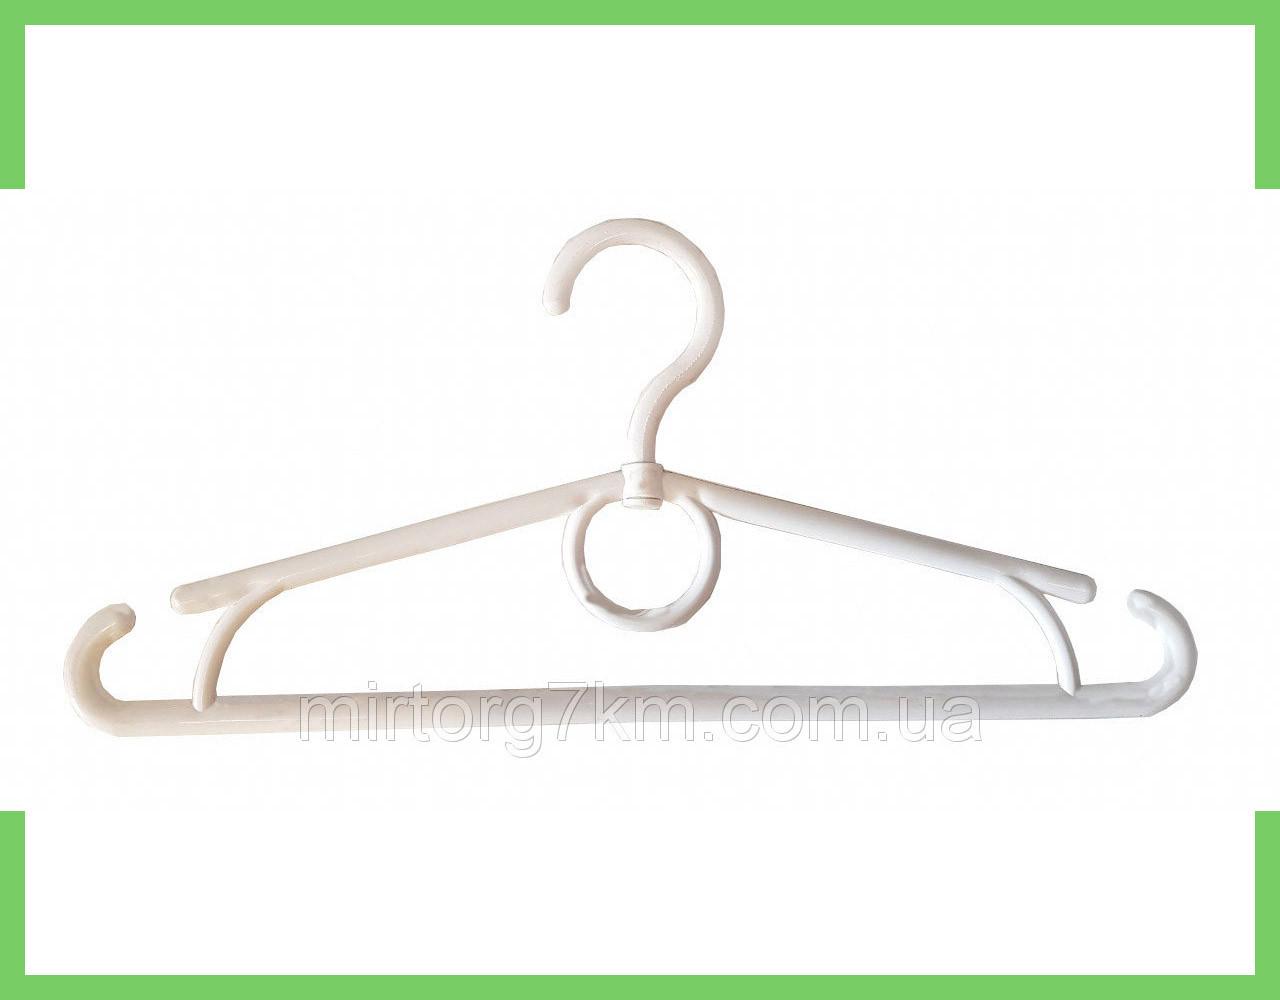 Вешалка плечики пластмассовые детское-Украина 32 см (белые)